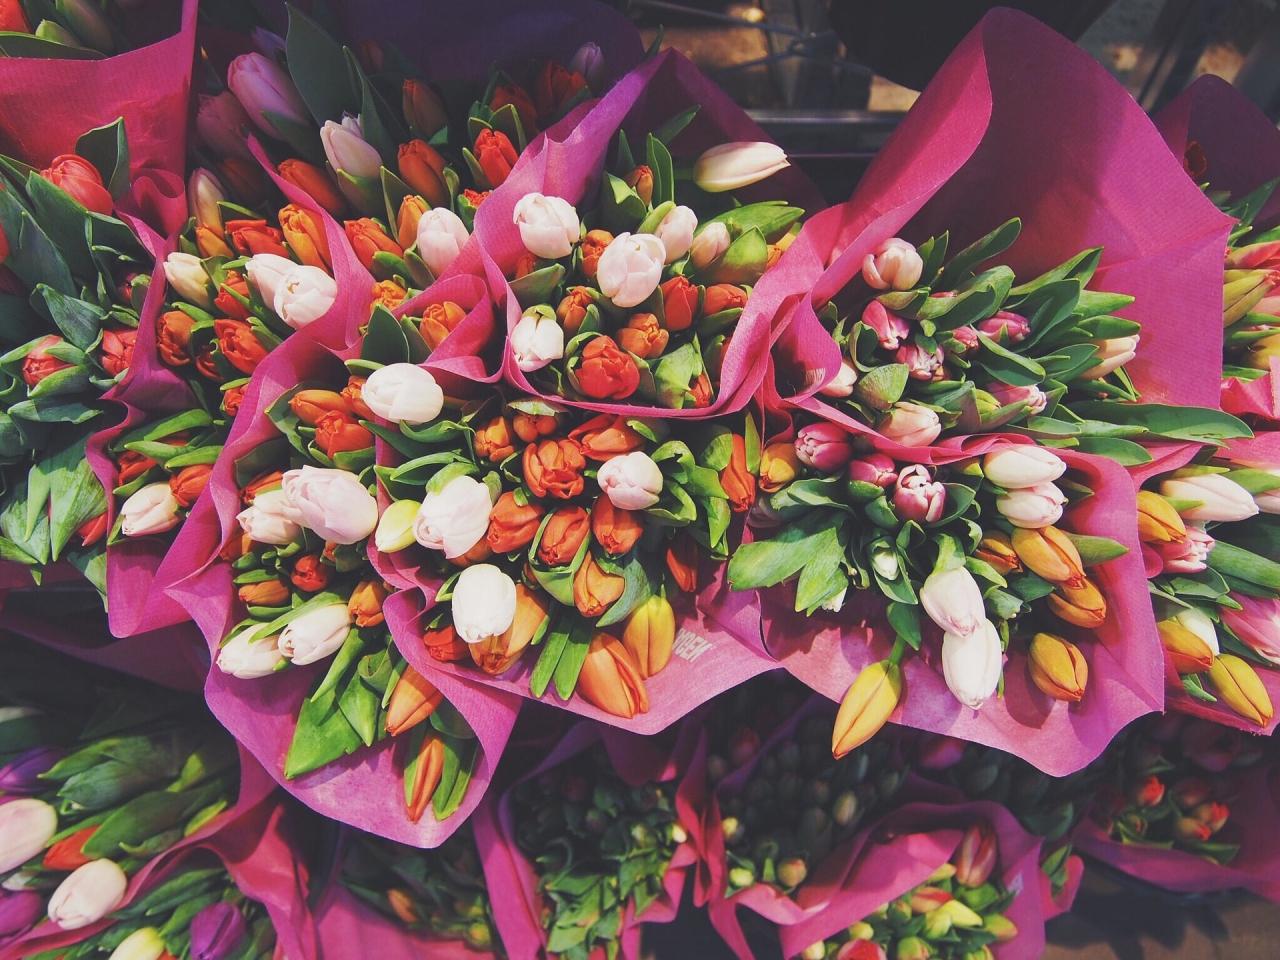 AE Virágkötő és Virágkereskedő tanfolyam gyakorlattal